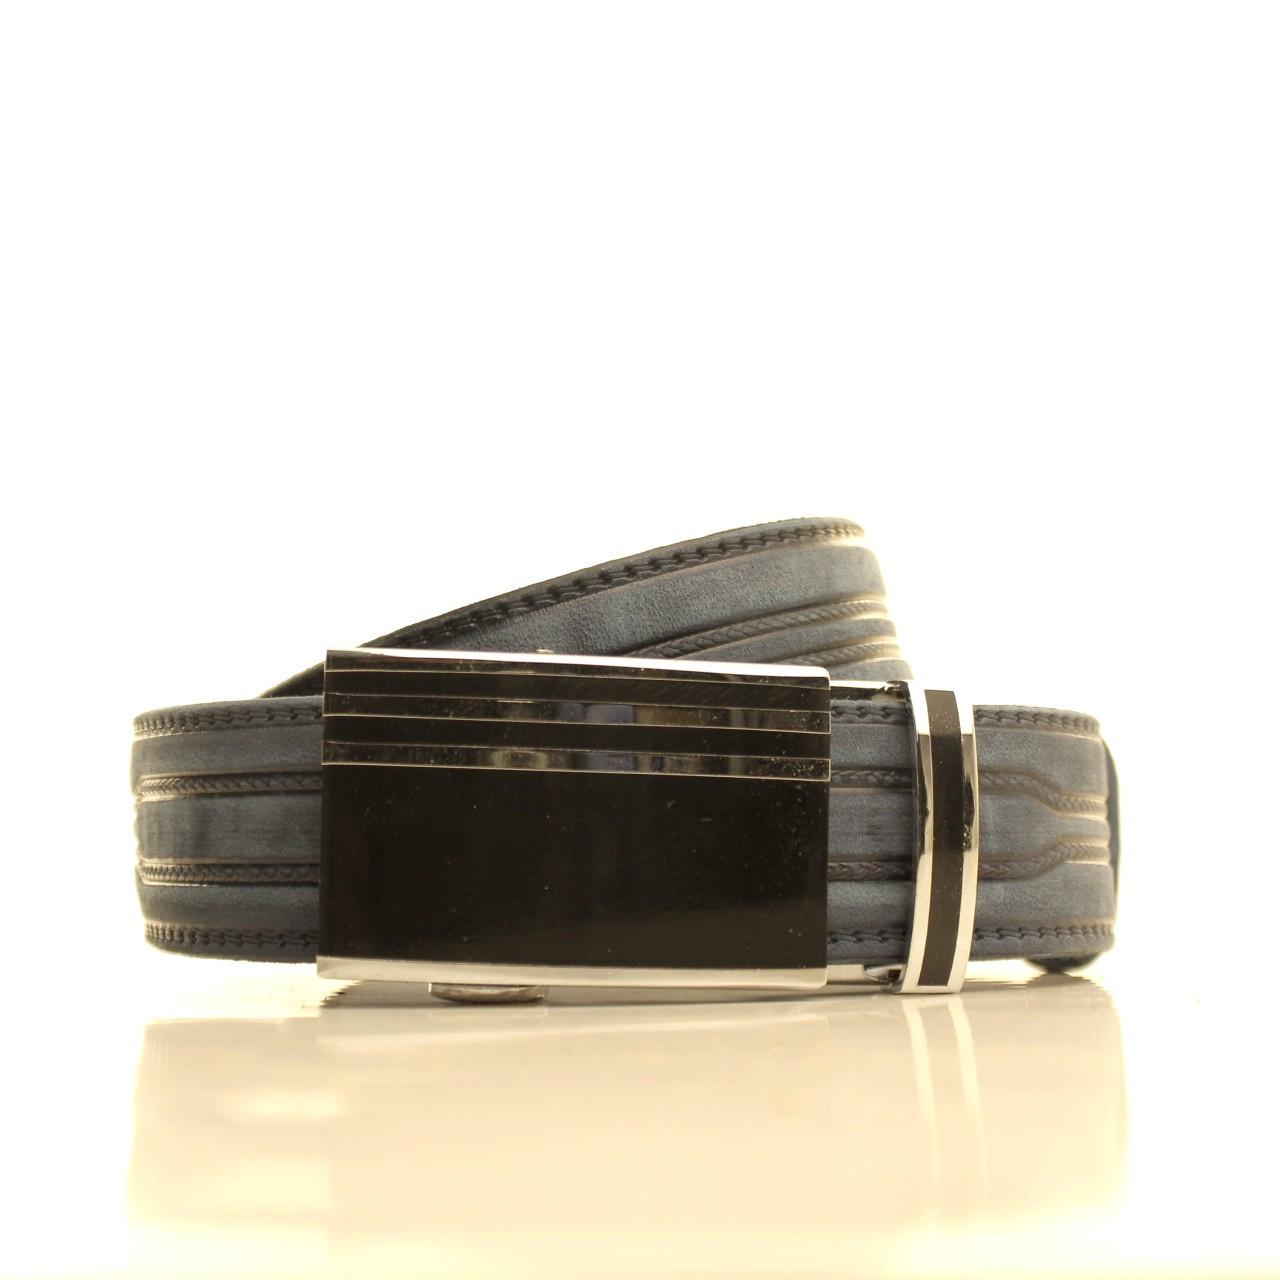 Ремень кожаный Lazar 105-115 см бежевый l35u1a113